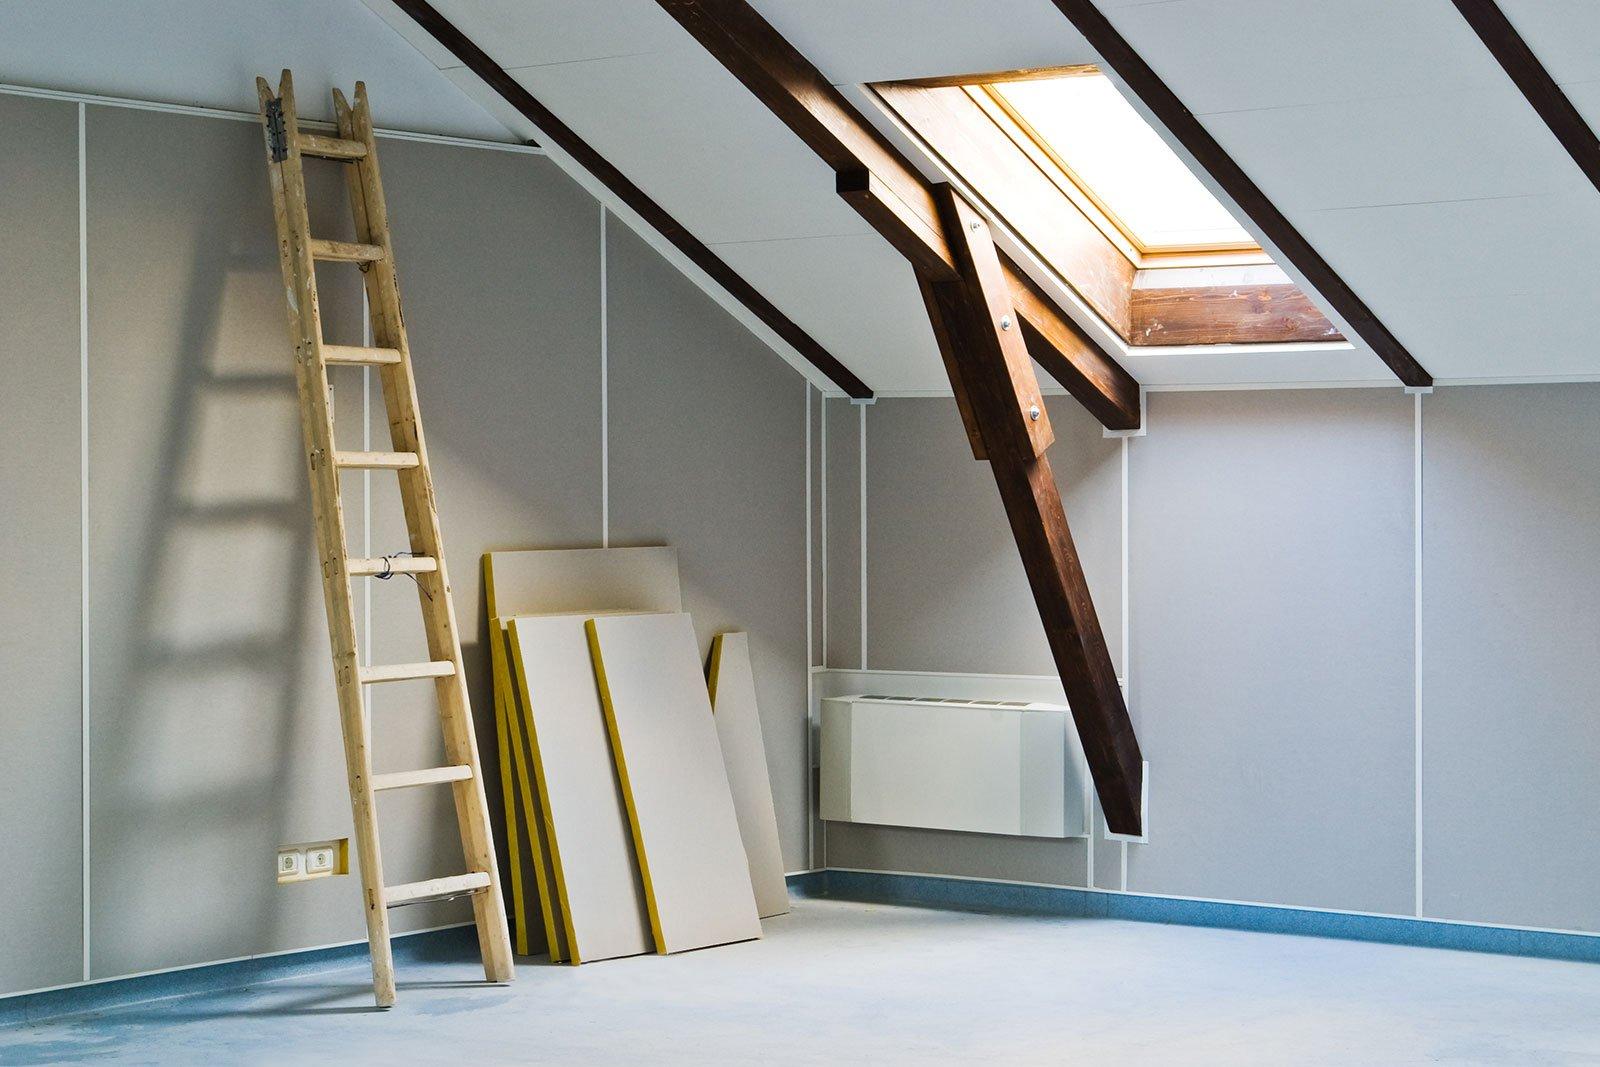 una mansarda con una sala appoggiata al muro, delle assi e un lucernario